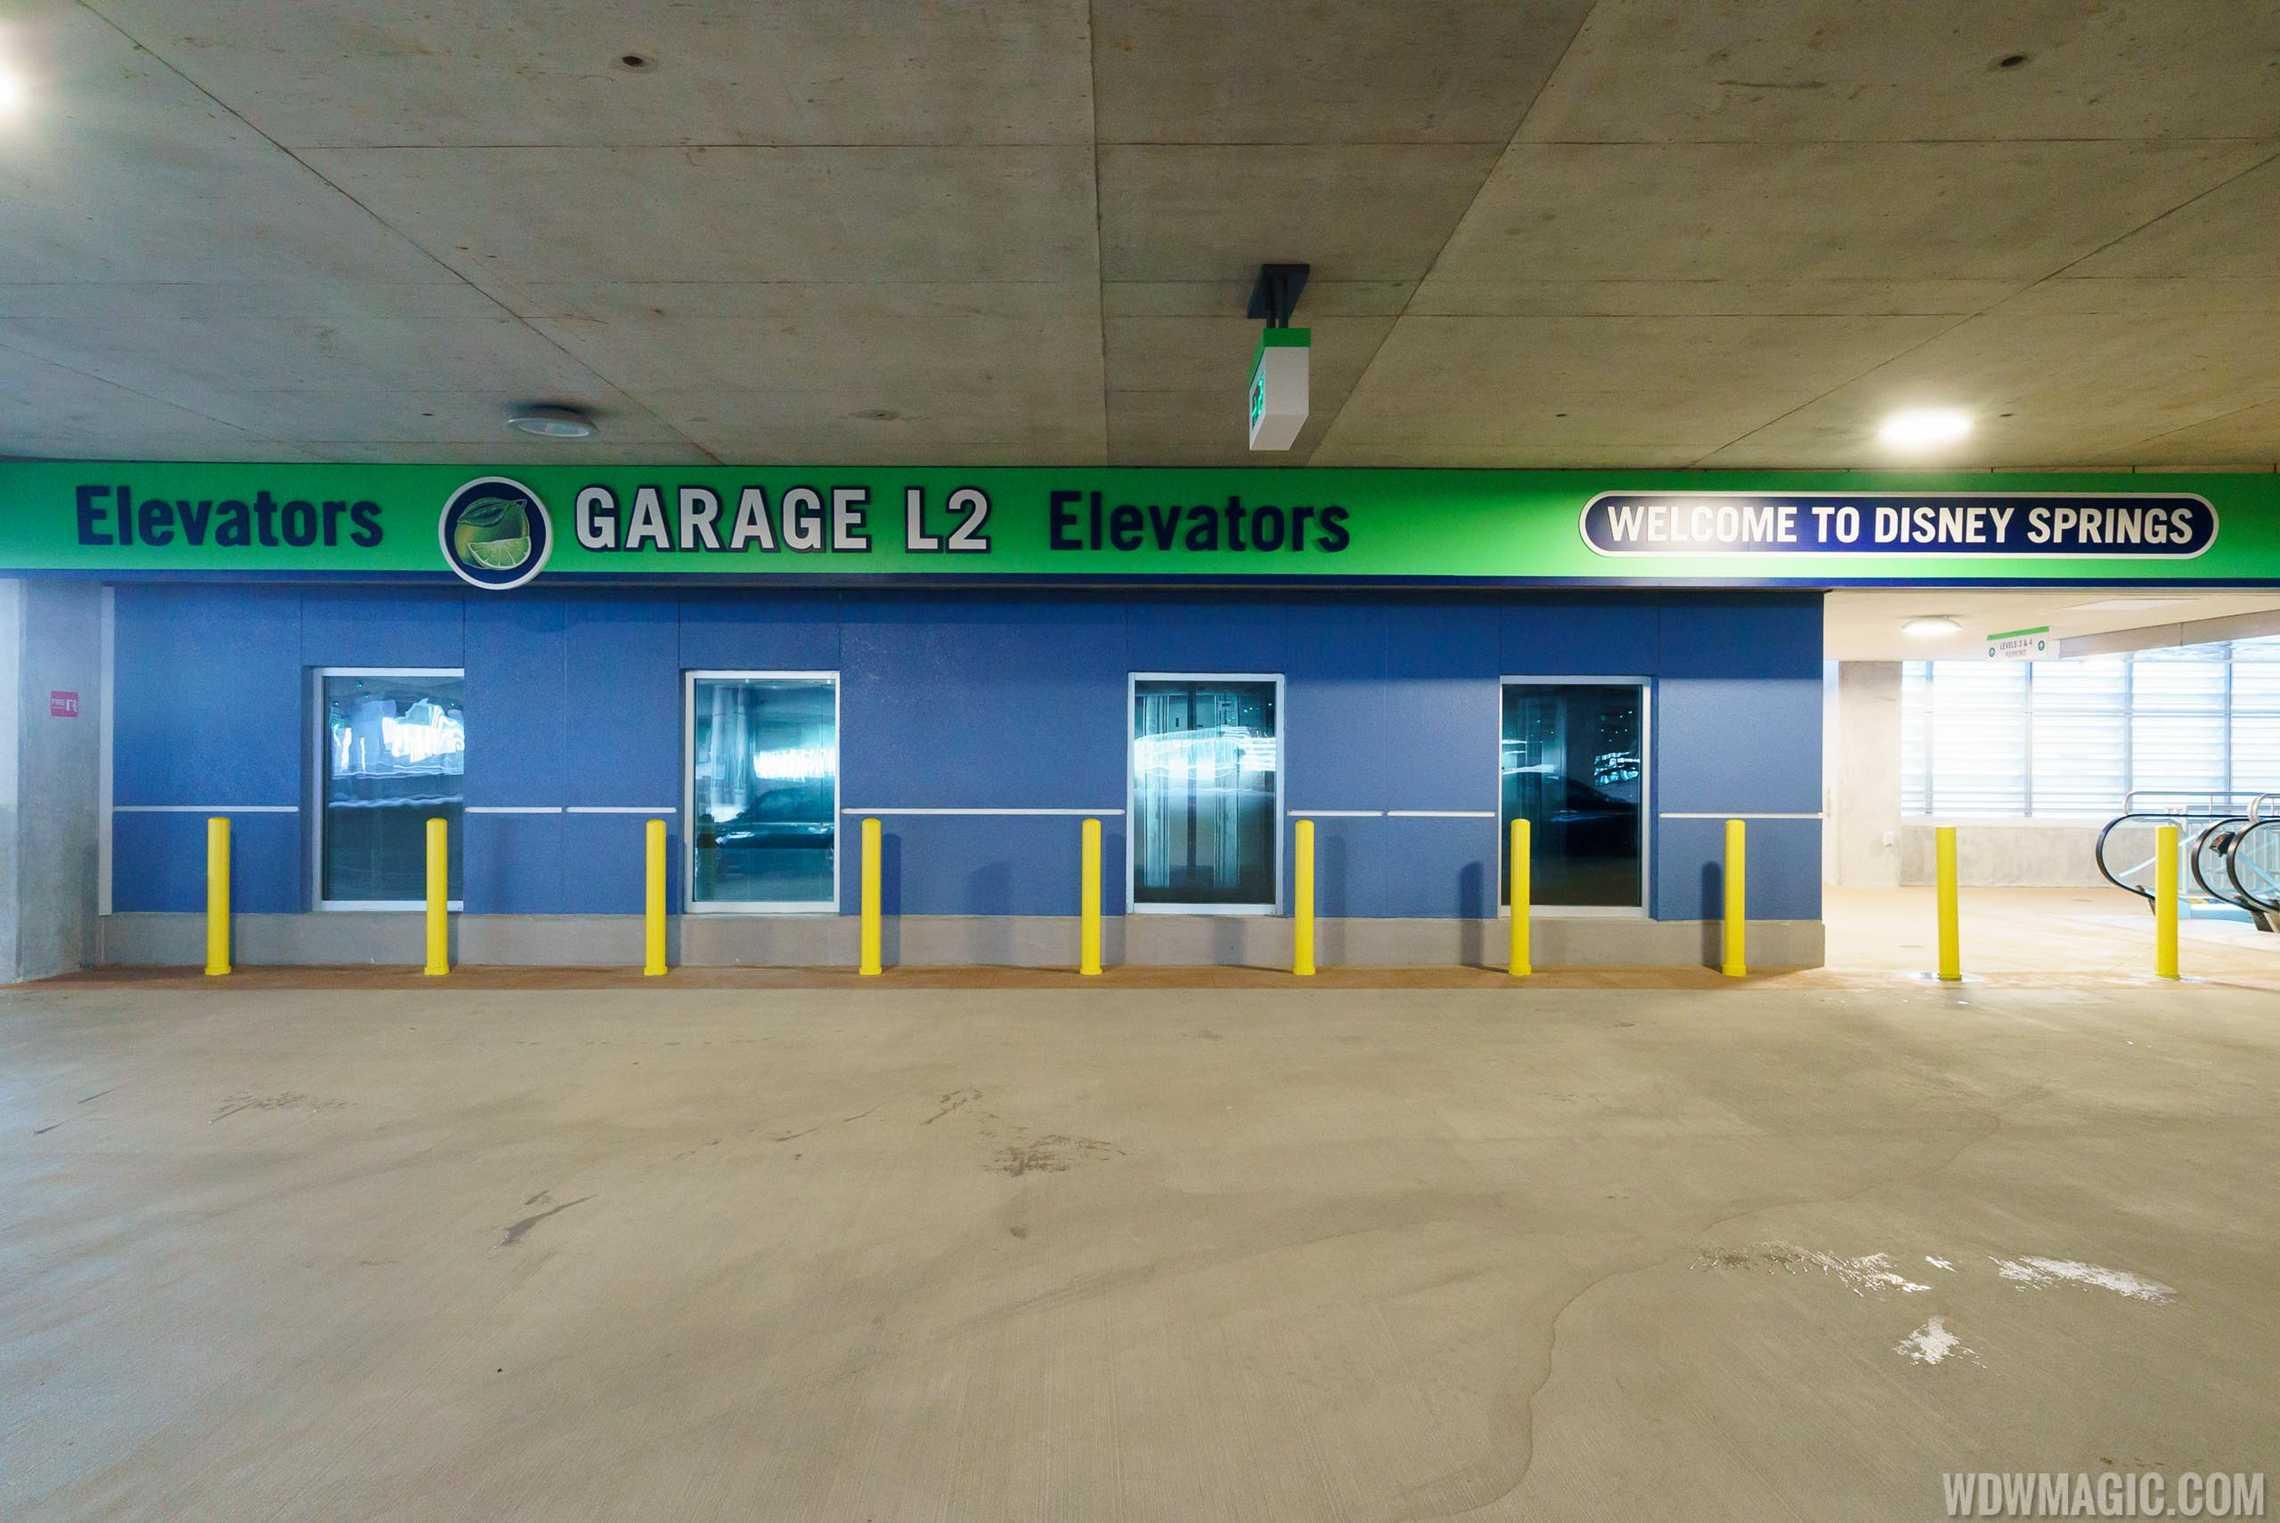 Lime Garage elevators